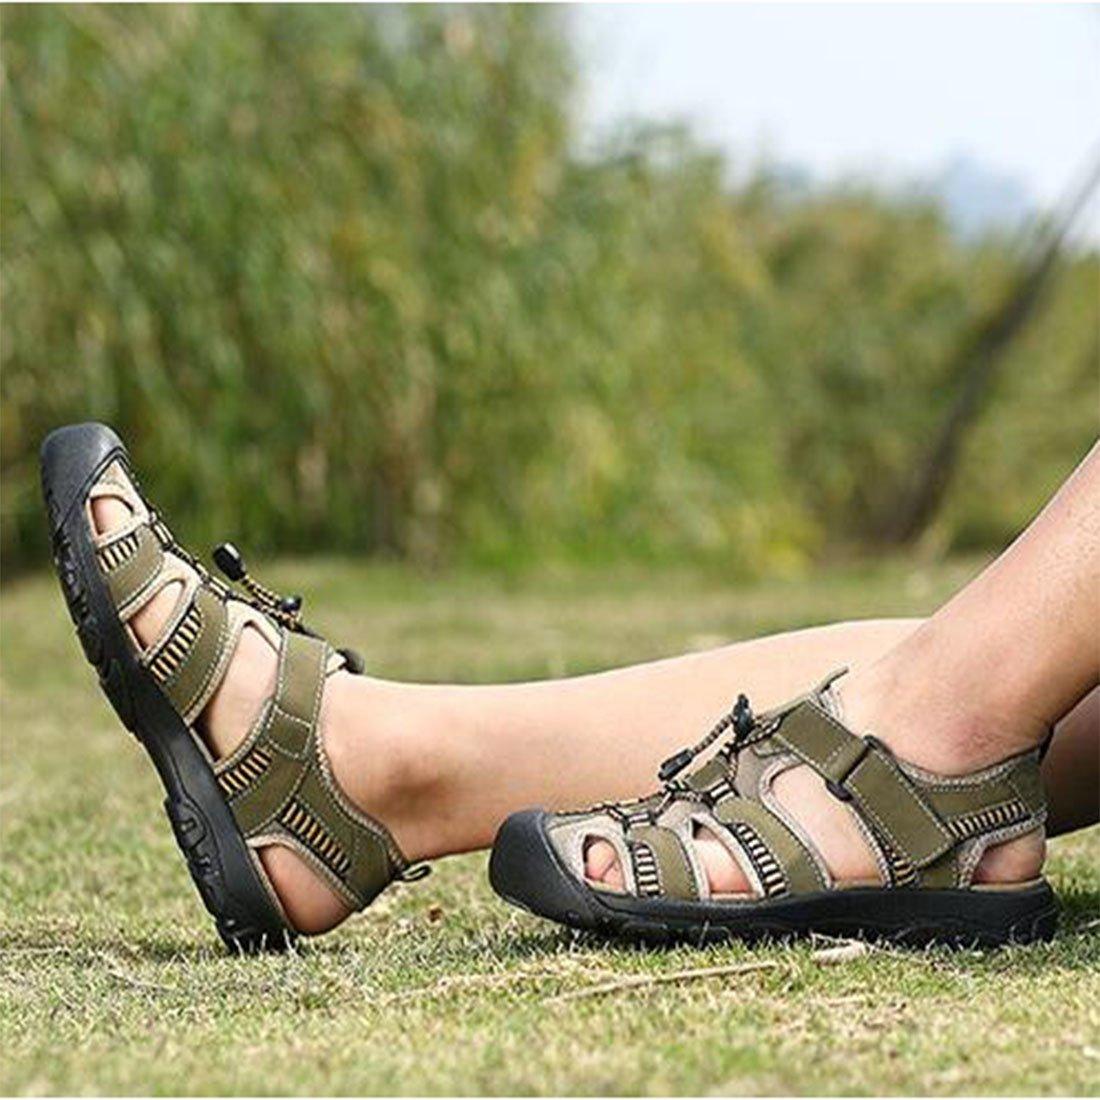 Herren Sommer Sport Leder Baotou Sandalen Outdoor Beach Sport Sommer Casual Sandalen,LightBraun,41.5 Lightgreen c4bb35